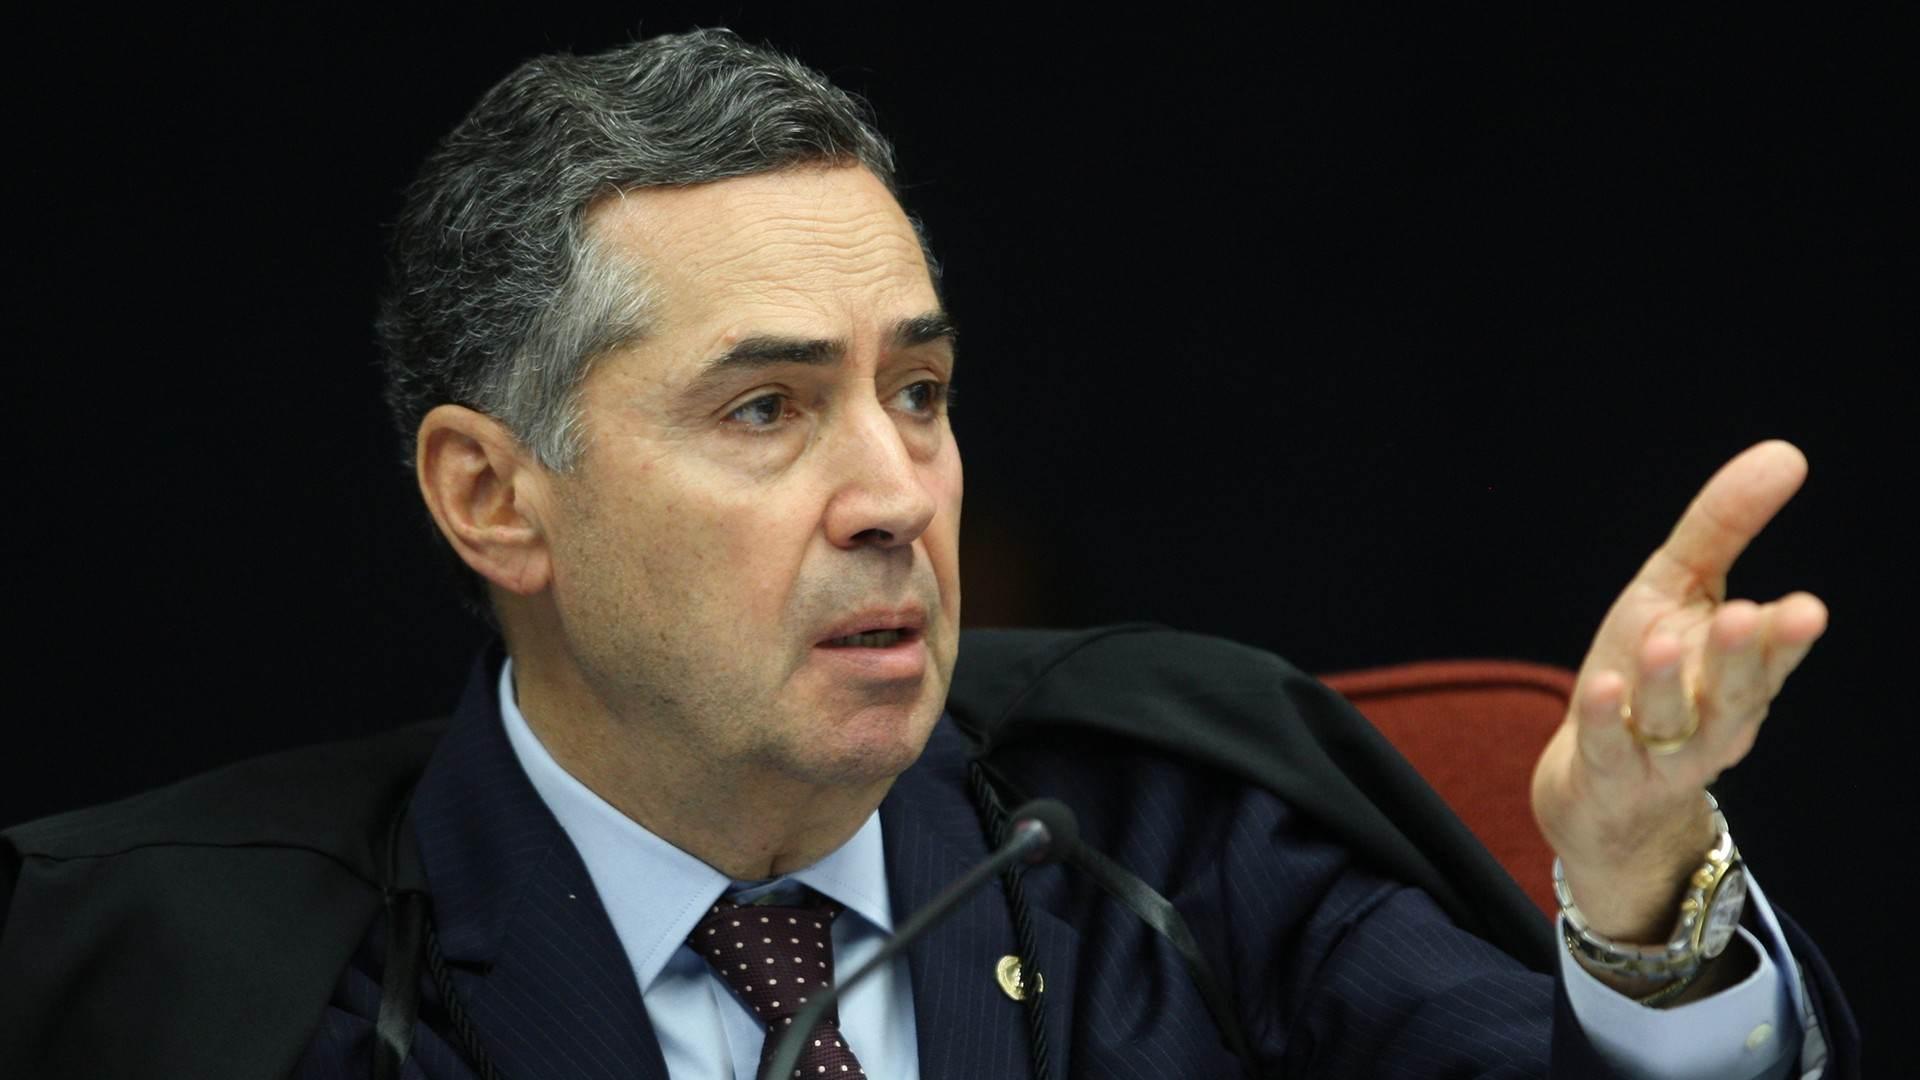 Ministro Roberto Barroso durante sessão da 1ª turma do STF